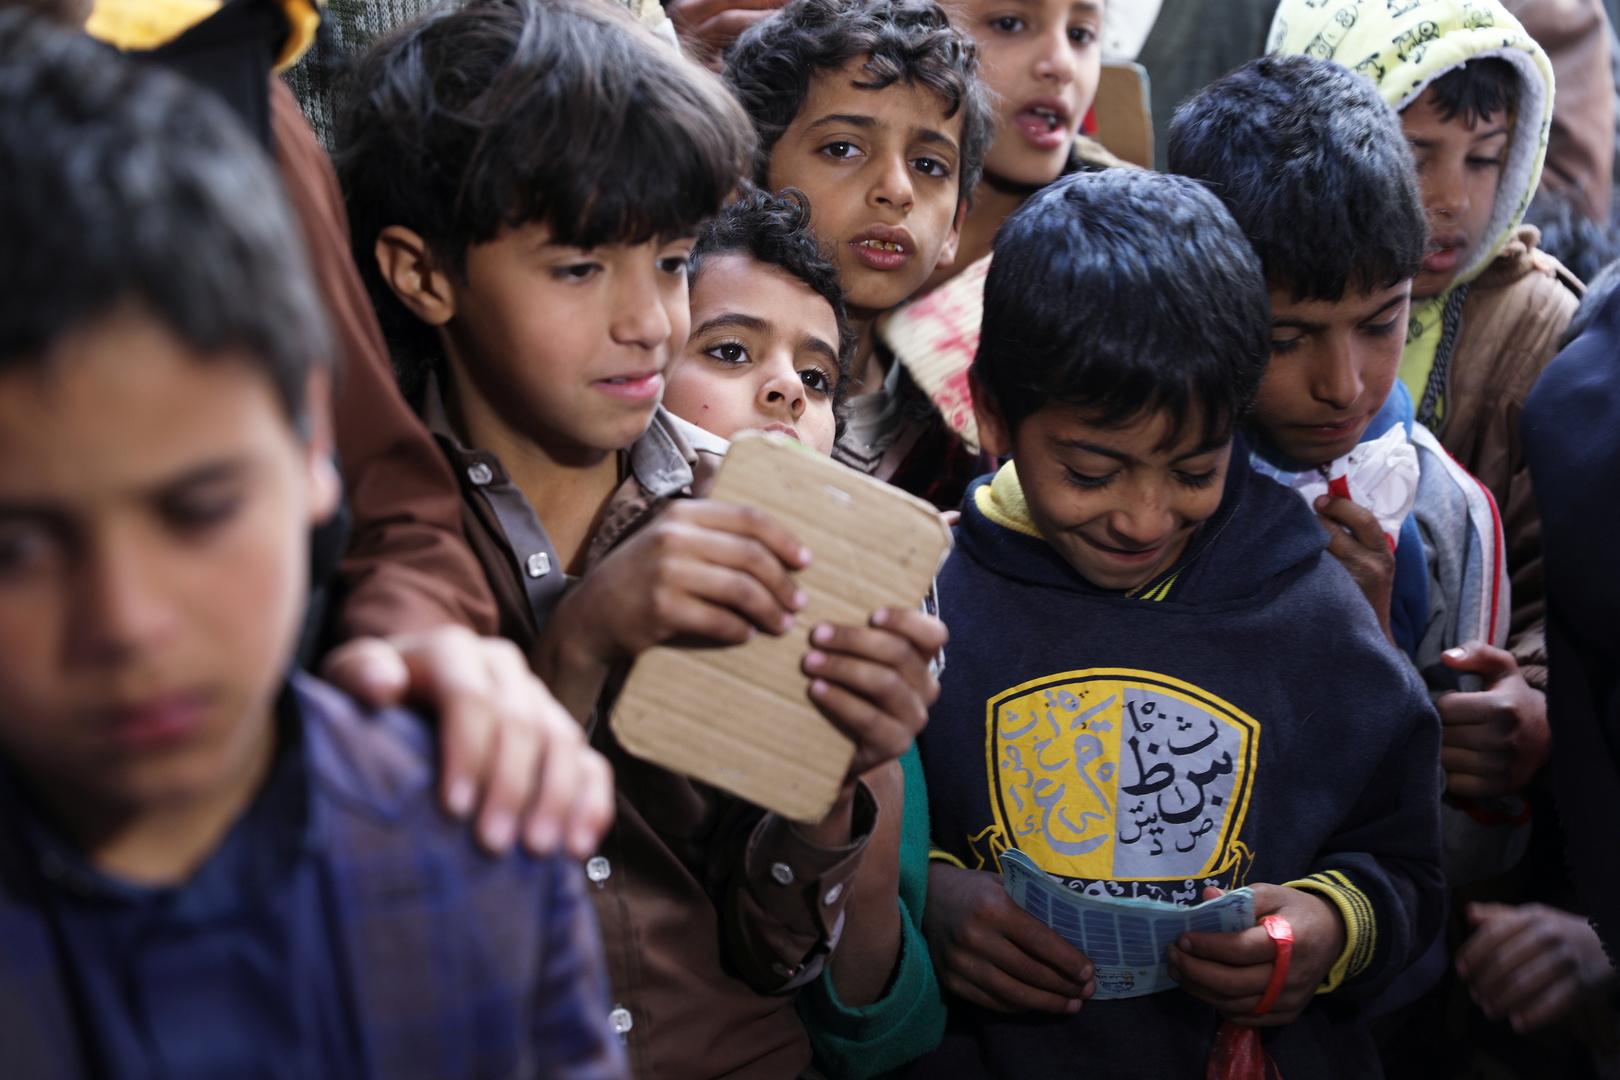 أطفال في صنعاء باليمن